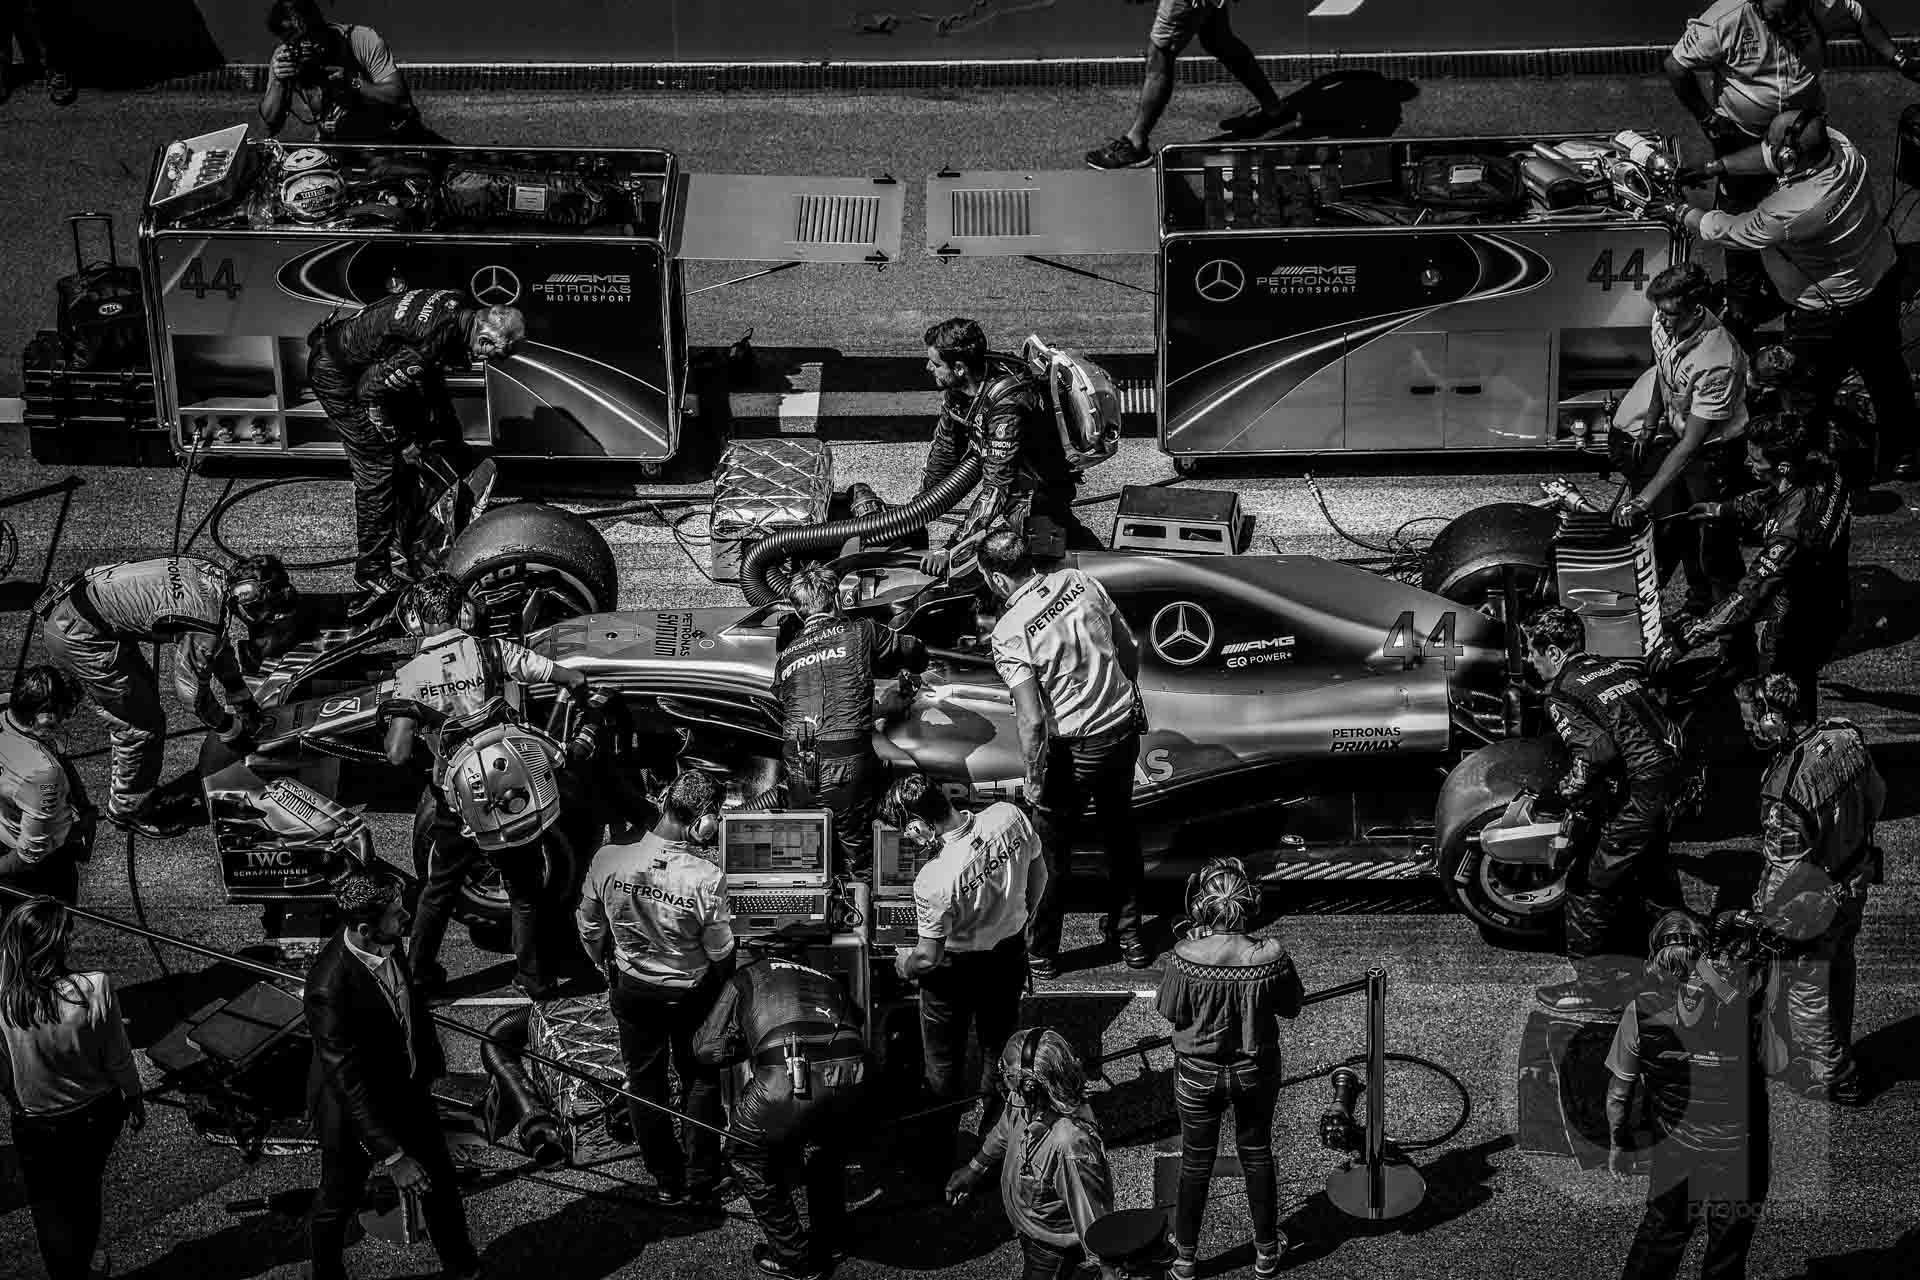 F1 in Monochrome